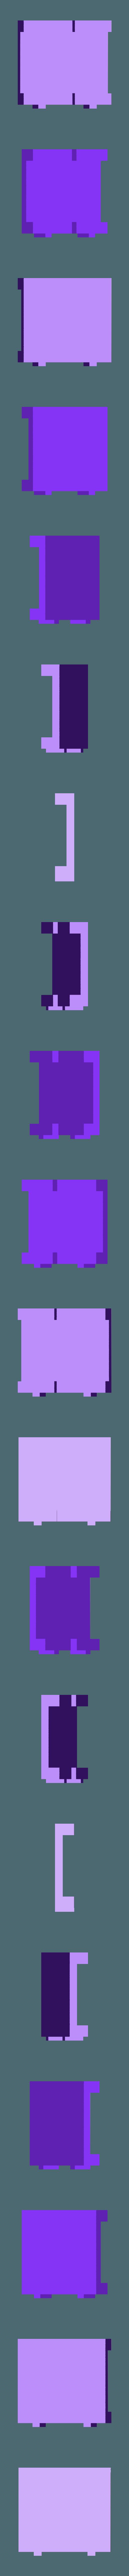 Side1.stl Télécharger fichier STL gratuit Boîte de casse-tête combinée • Modèle à imprimer en 3D, mtairymd